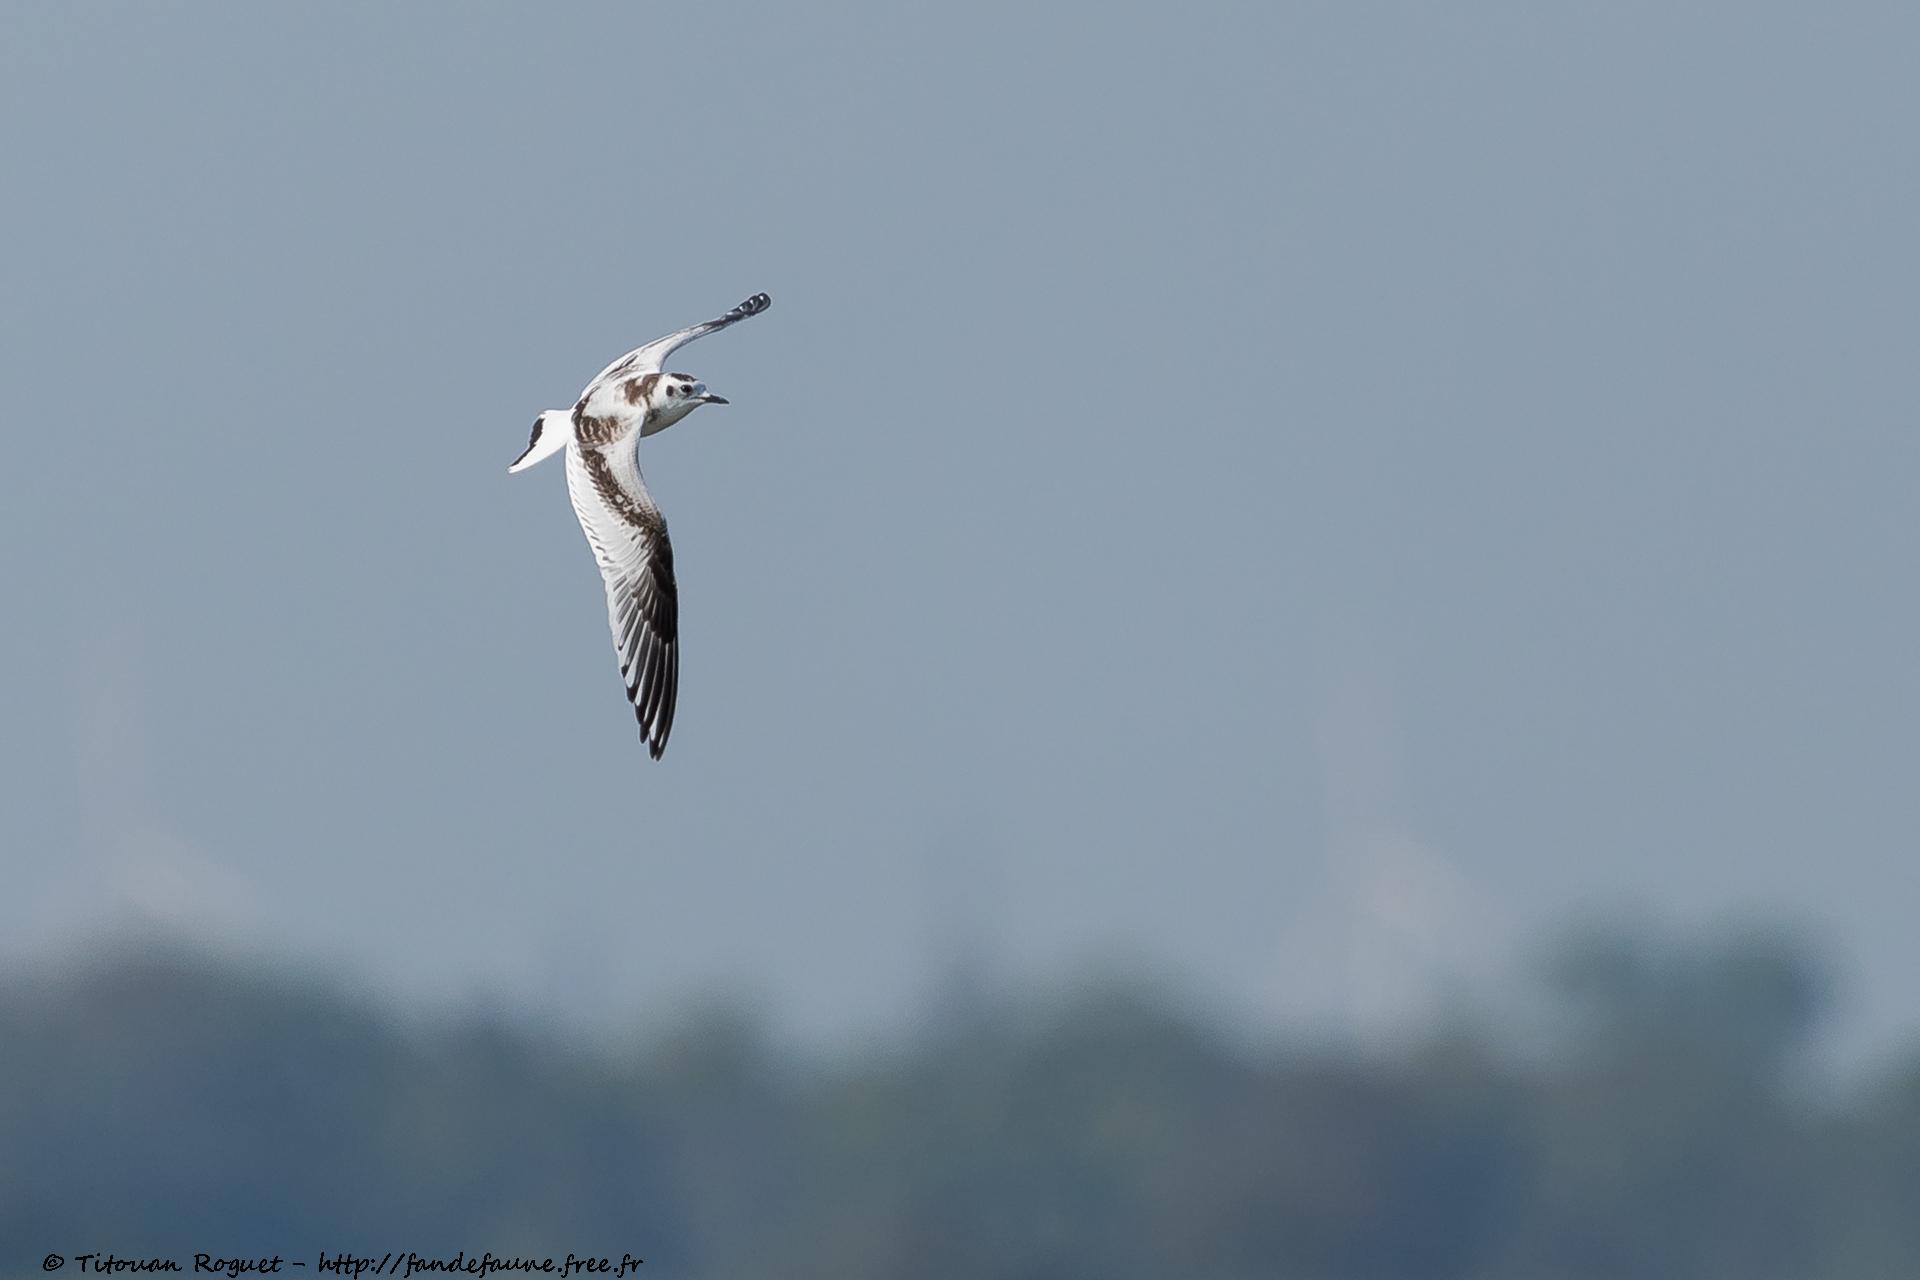 Mouette pygmée (Hydrocoloeus minutus) photographiée avec Canon EOS 5D Mark IV + Sigma 150-600mm f/5-6.3 DG OS HSM Sport